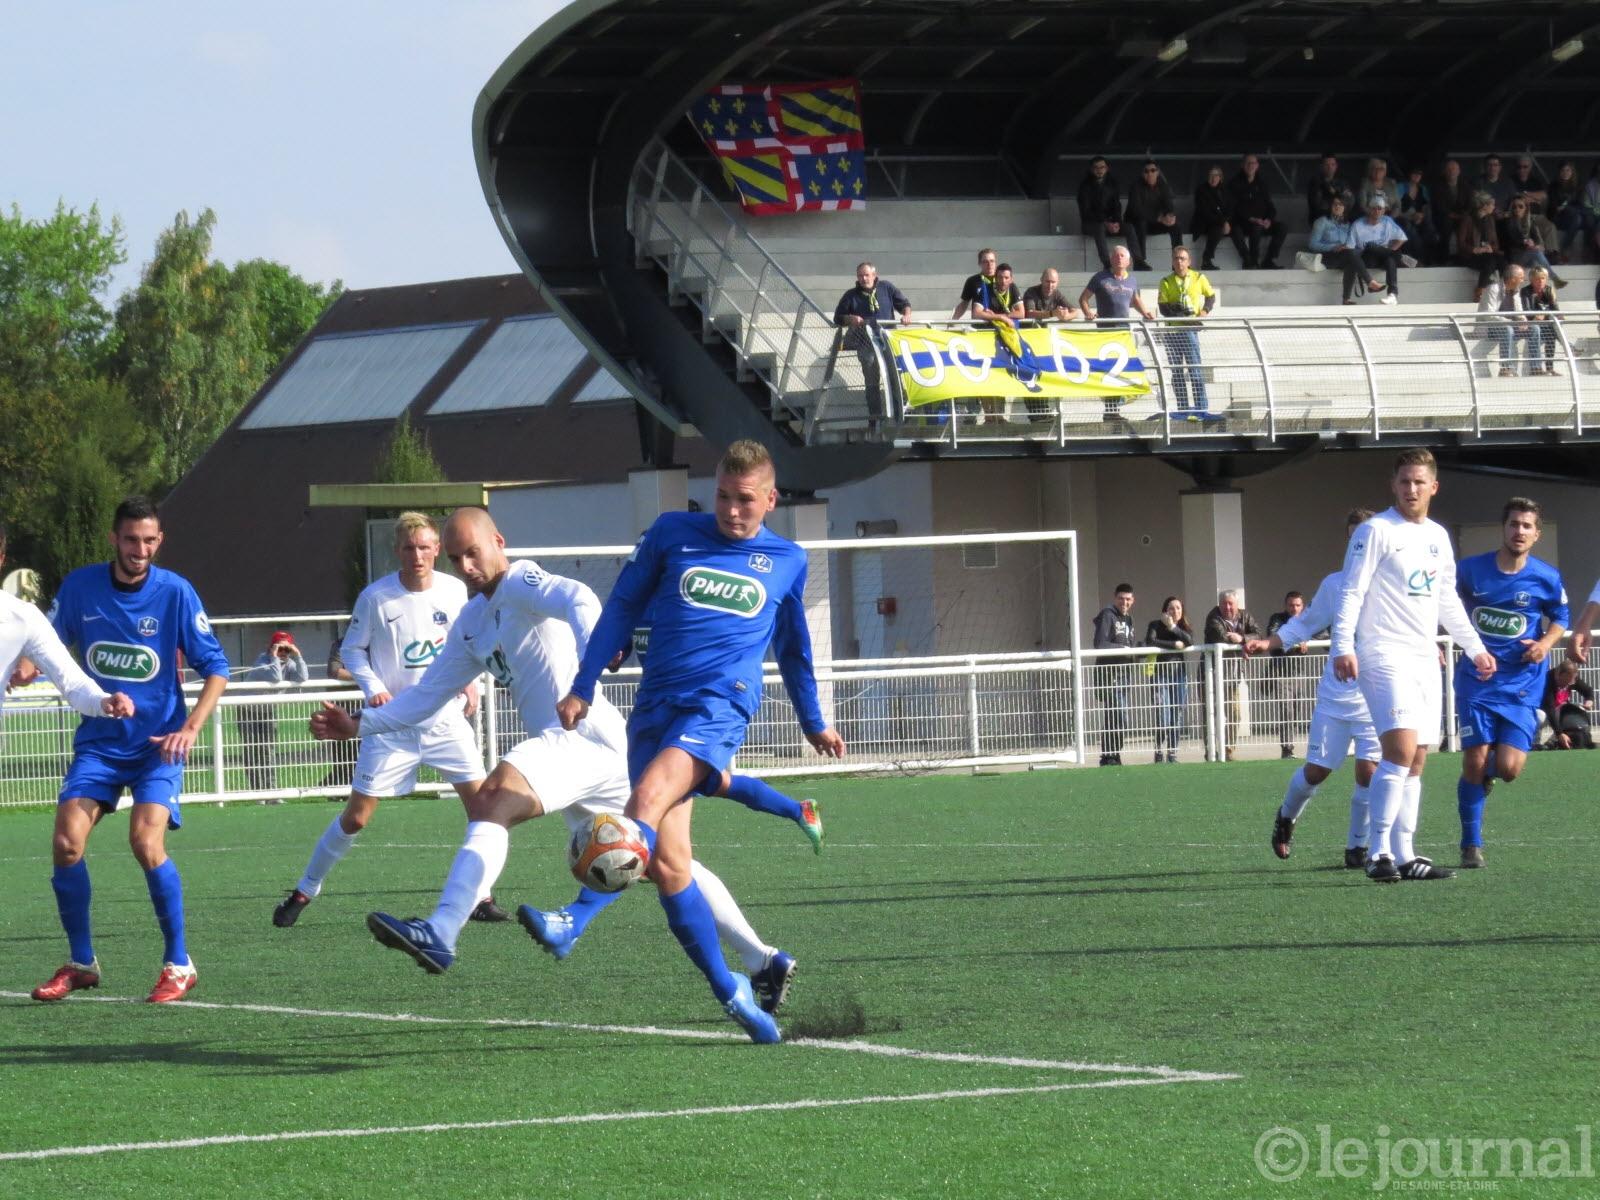 Coupe de france 4e tour chatenoy lr 0 3 fcg r sultat - Resultat foot feminin coupe de france ...